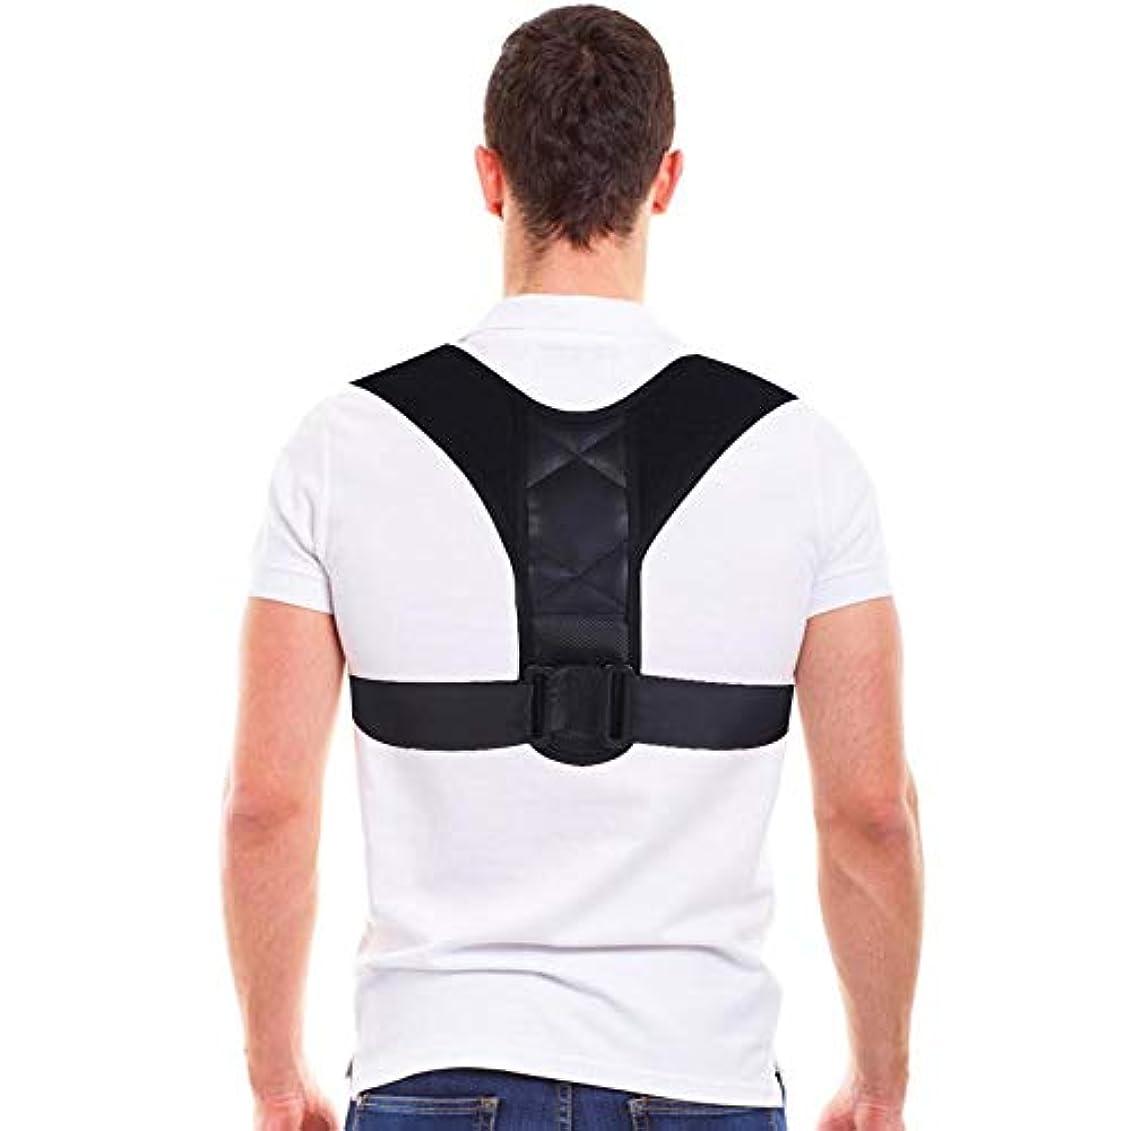 で衝動代表するコレクター姿勢バックサポートベルト、8字型デザインの調節可能な鎖骨装具バンド、男性と女性の姿勢、腰痛予防、腰痛予防